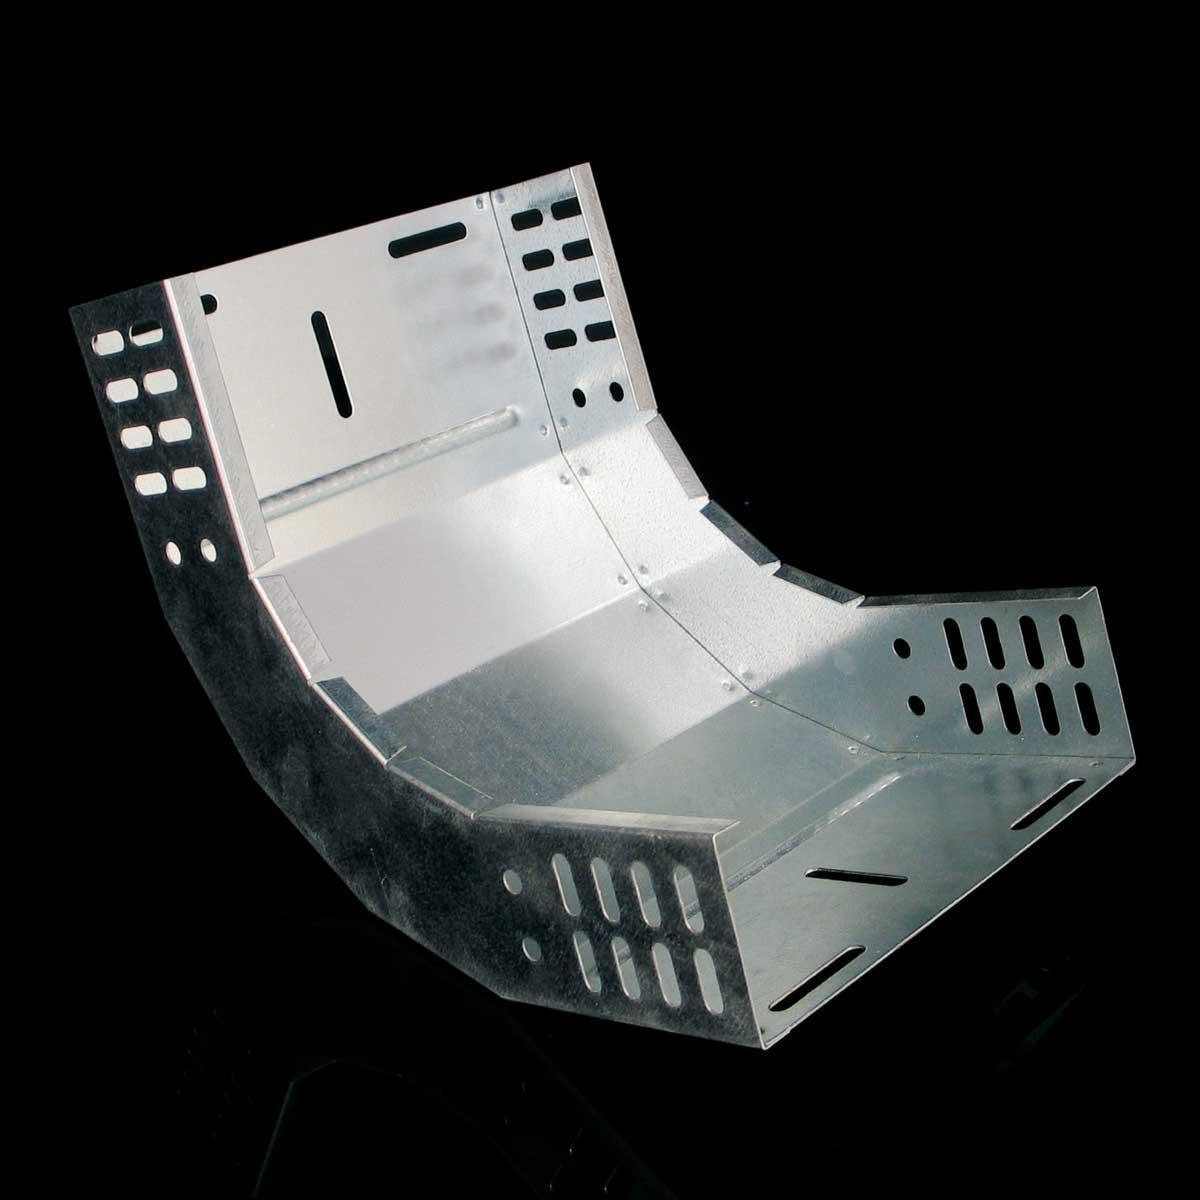 Поворот вертикальний внутрішній 90° JUPITER; розміри-85x600x270mm Товщ. метал-1,2 Вага-3,01кг/м